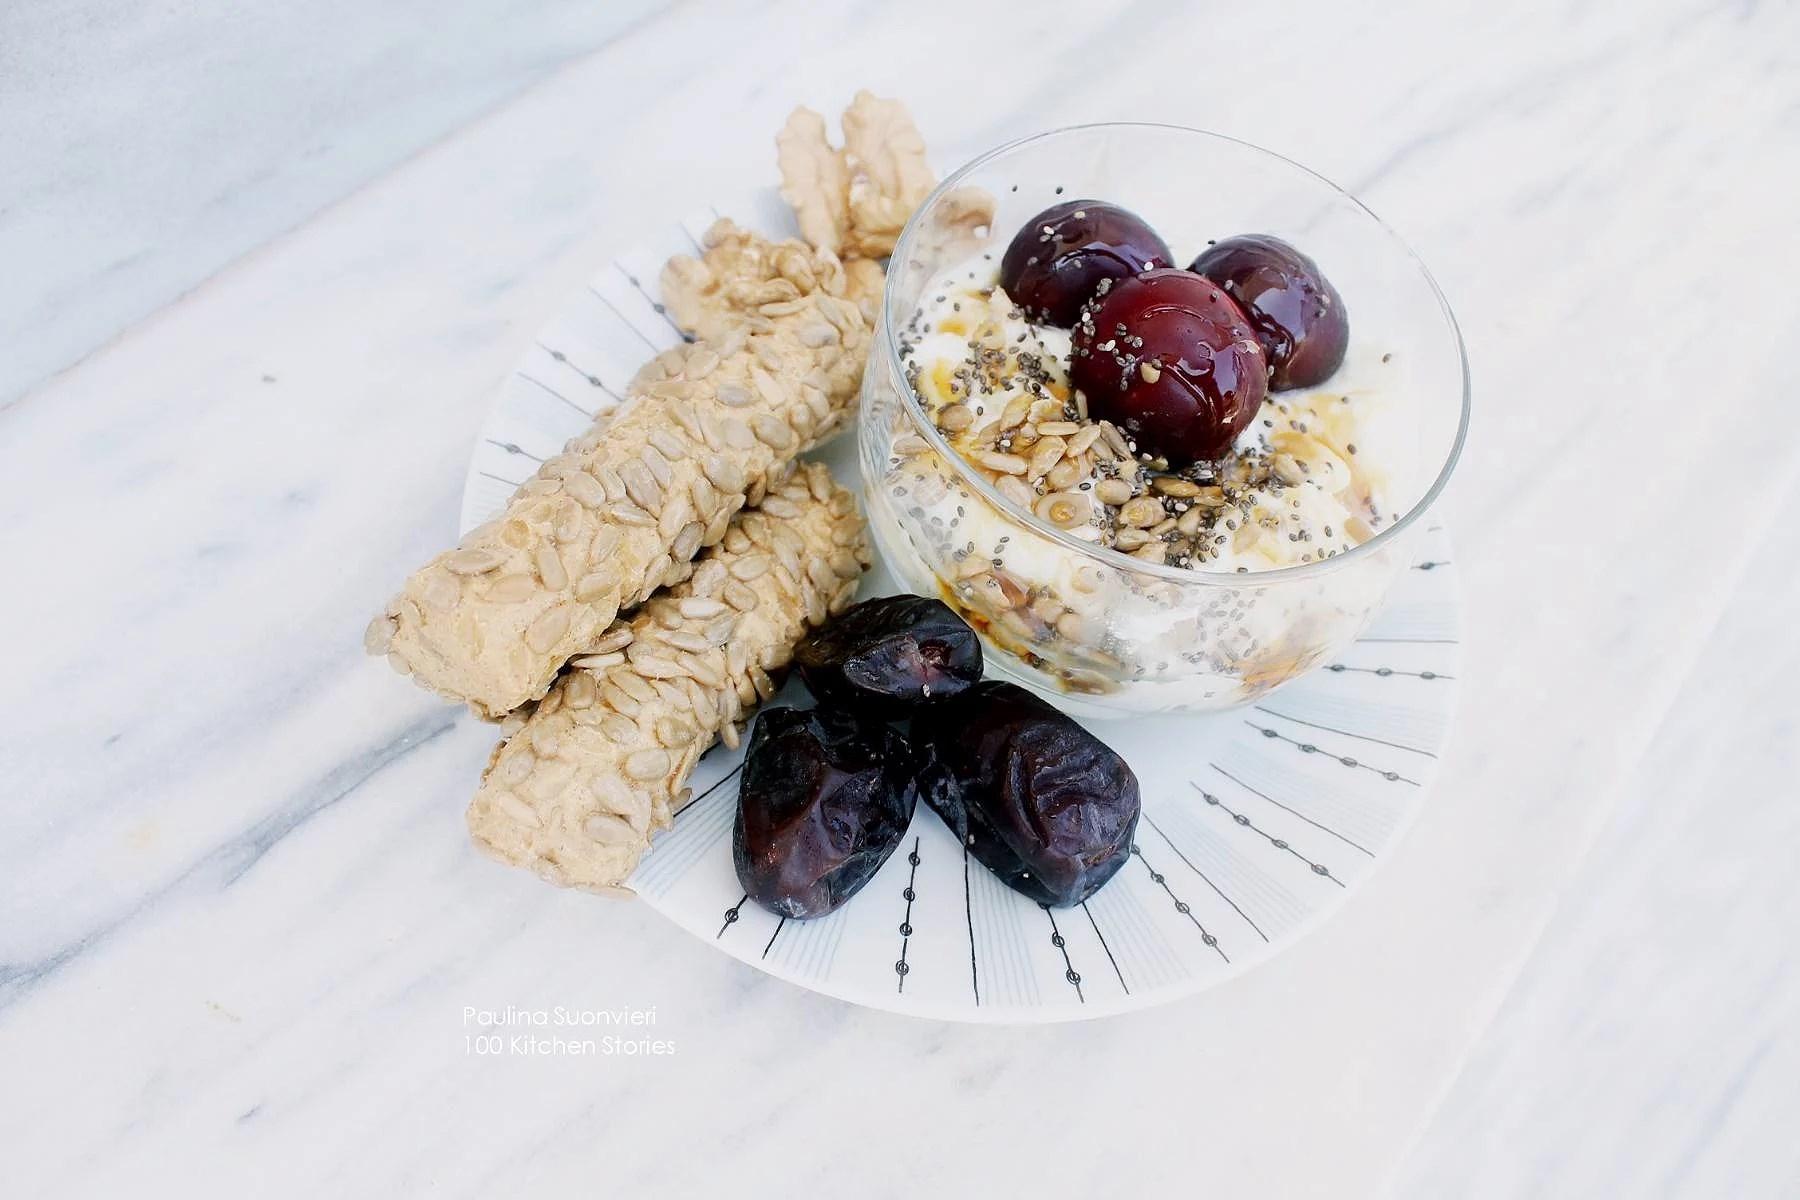 Greek Deluxe Bowl + Dates, Walnuts & Breadsticks w Sunflower Seeds